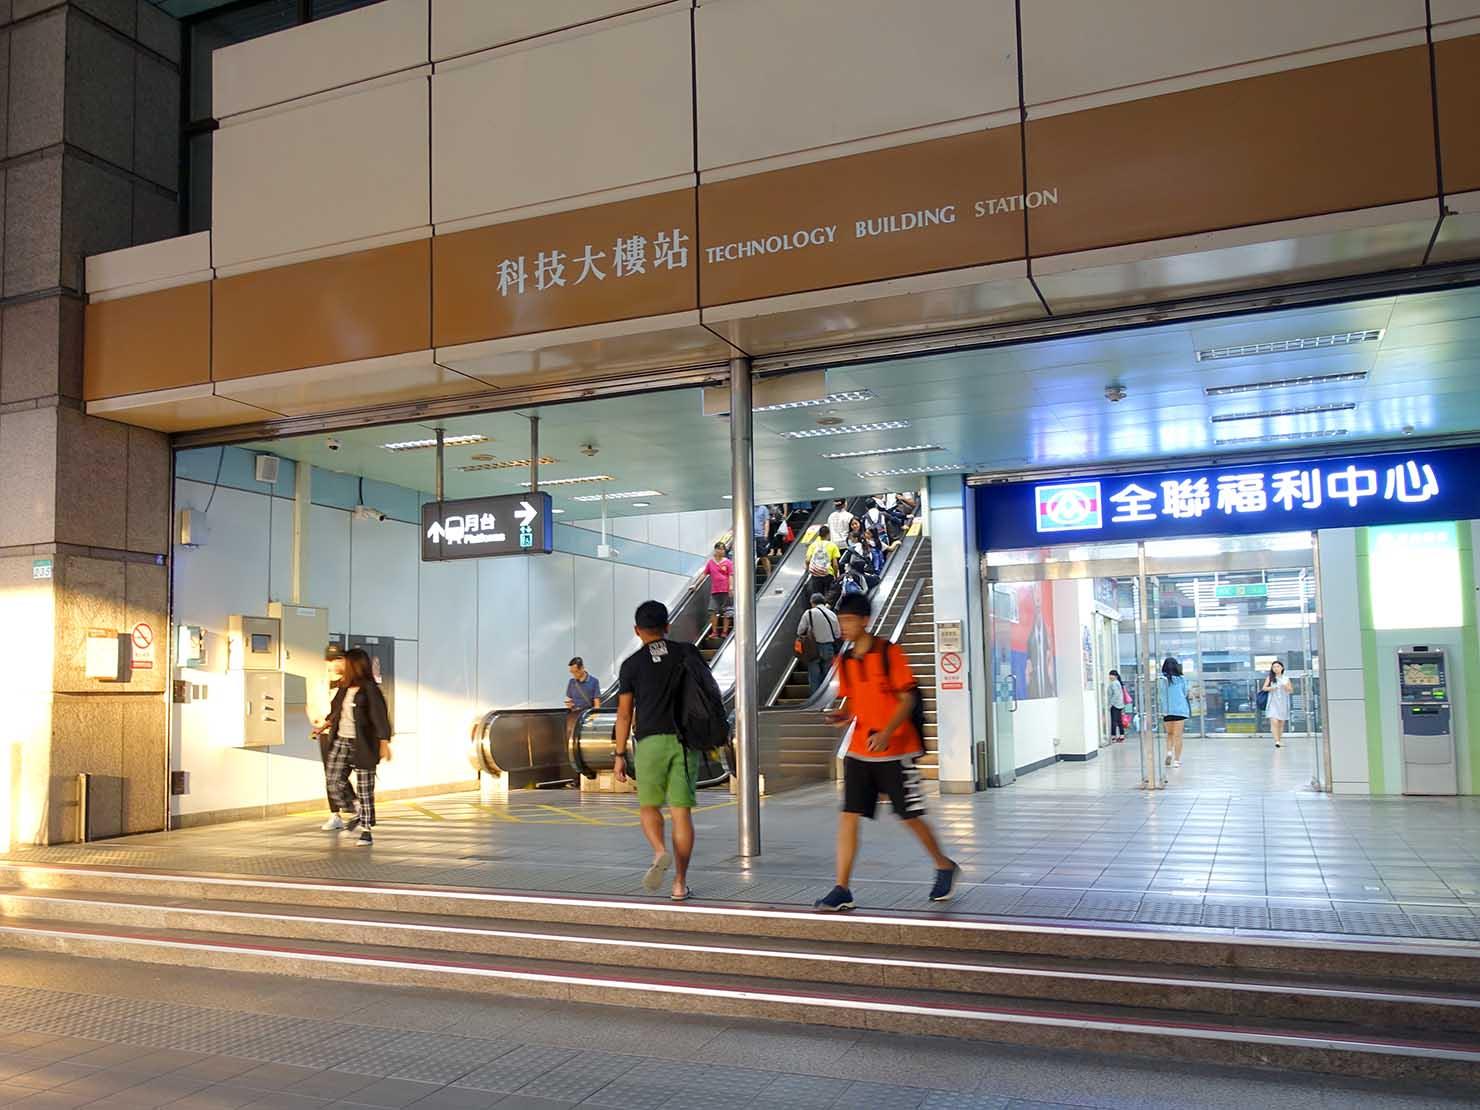 台北MRT科技大樓駅